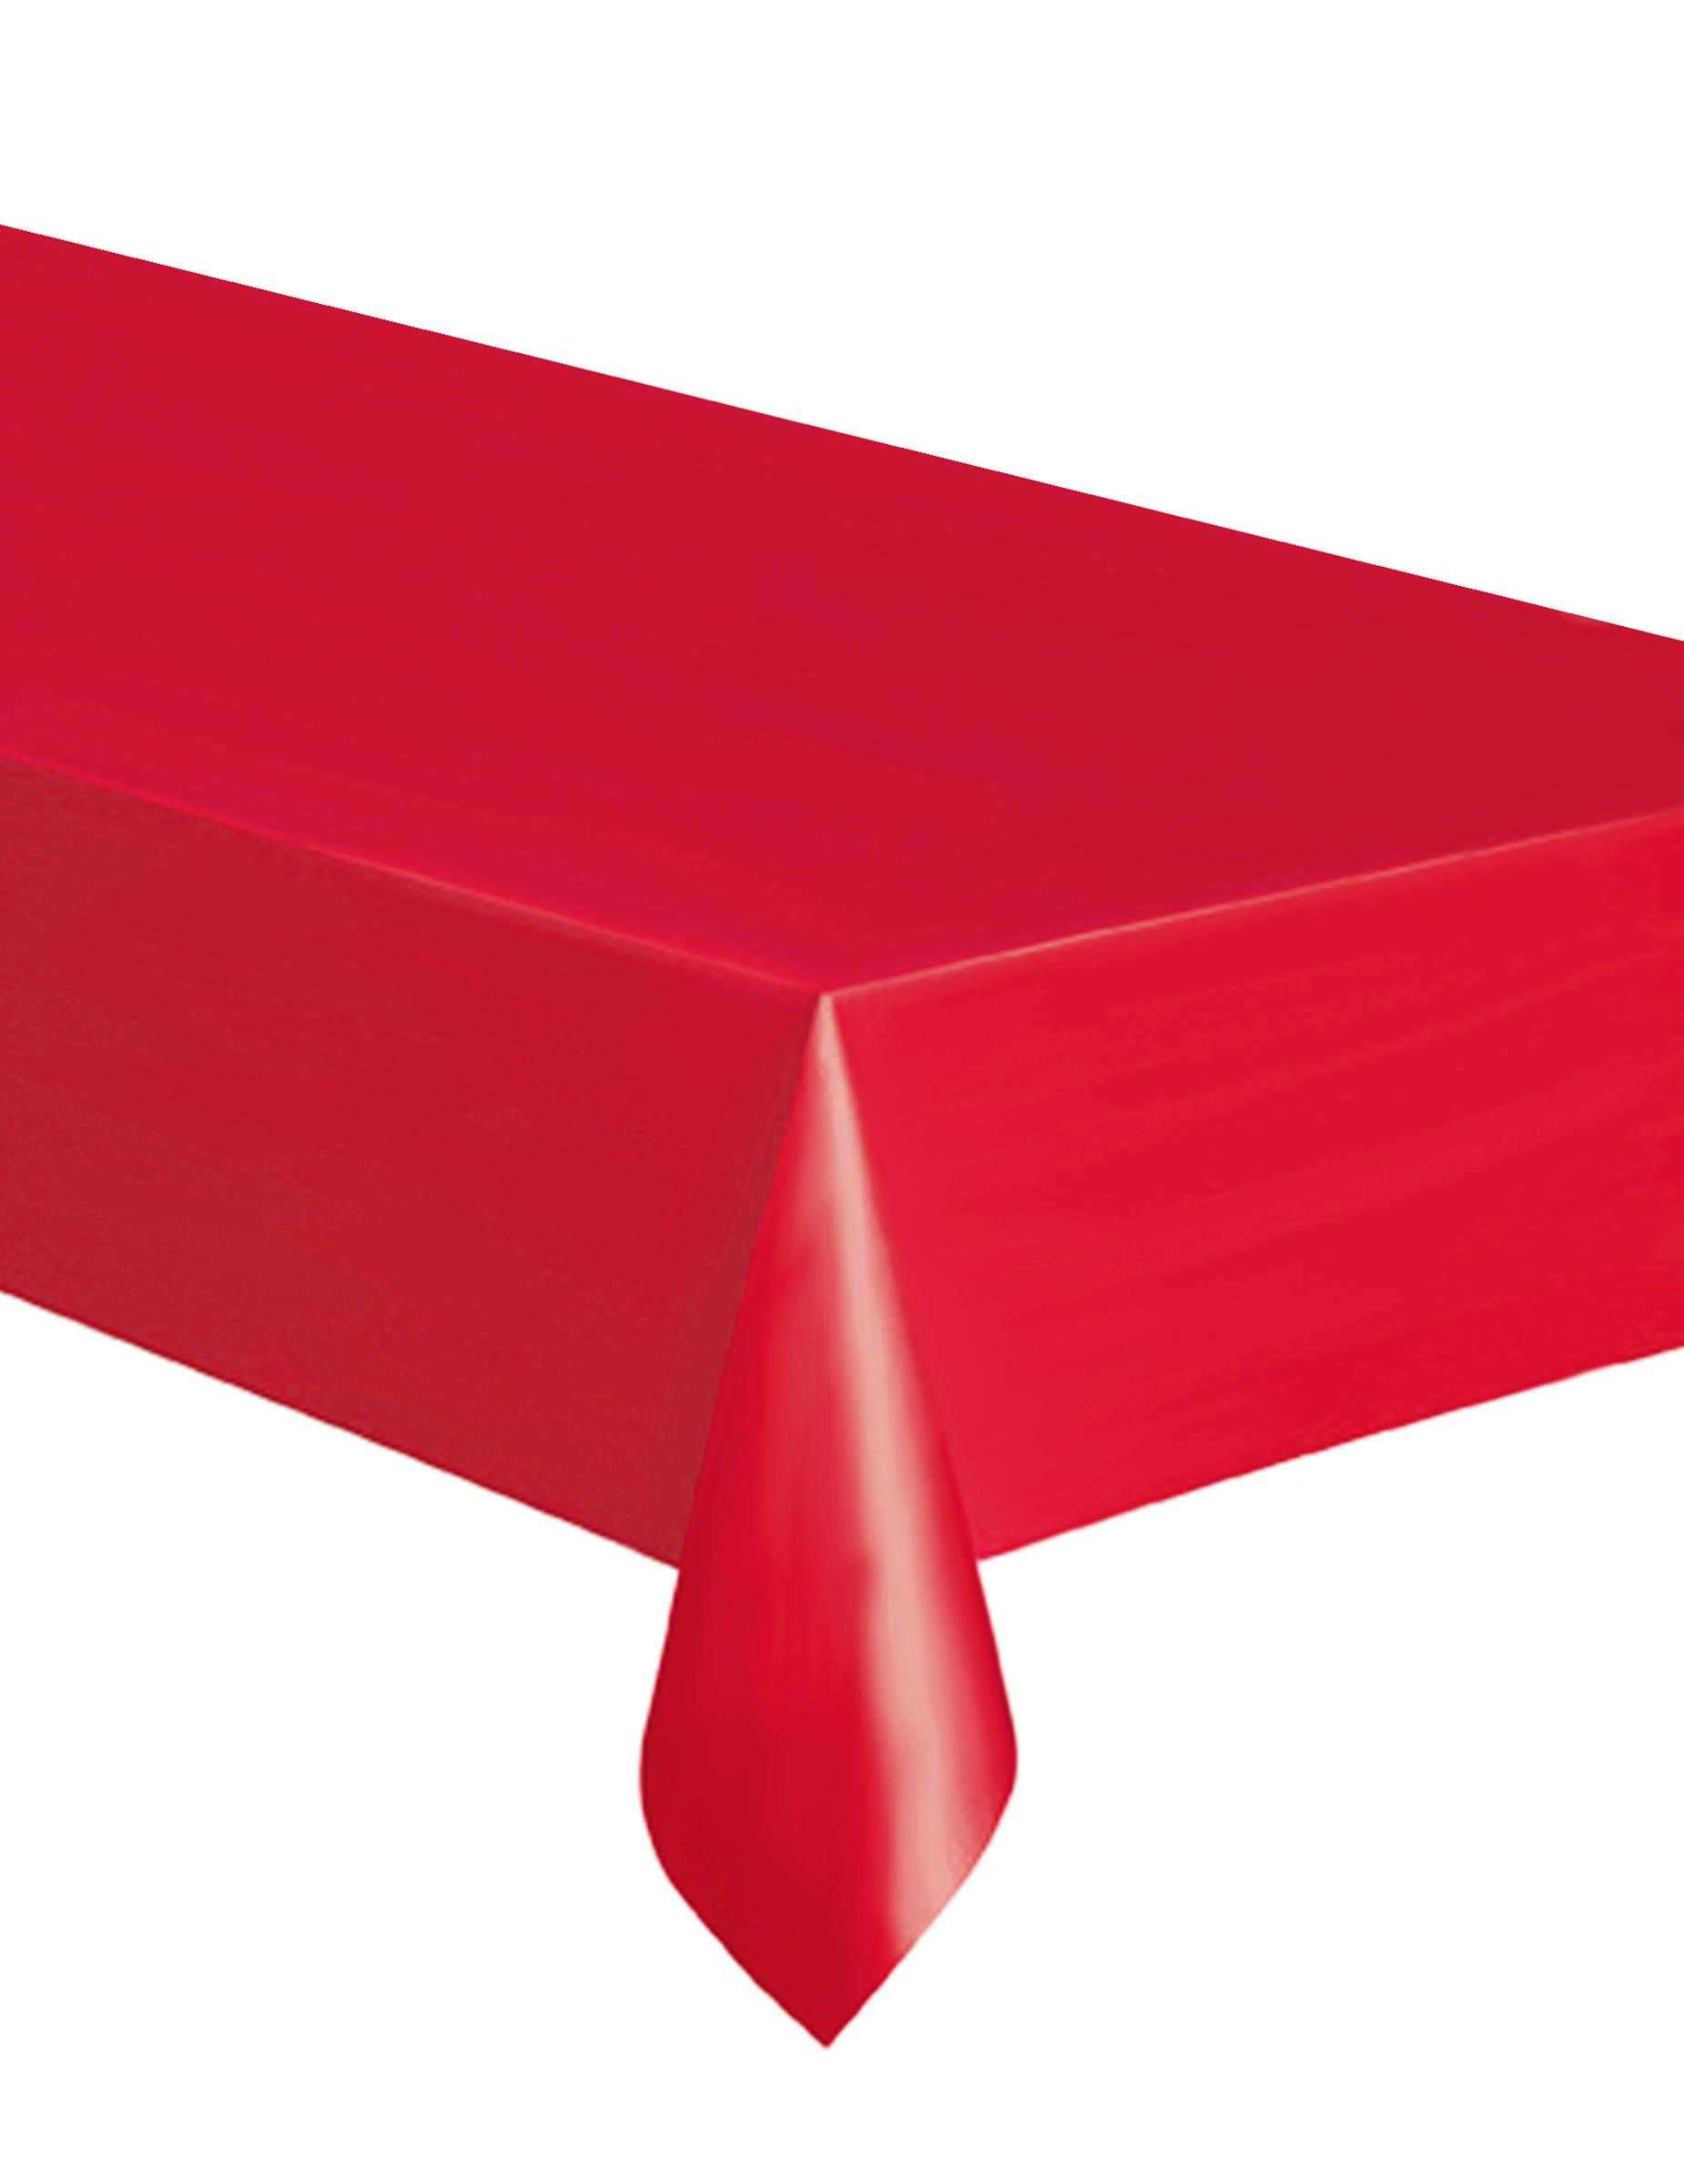 nappe rectangulaire en plastique rouge 137 x 274 cm d coration anniversaire et f tes th me. Black Bedroom Furniture Sets. Home Design Ideas